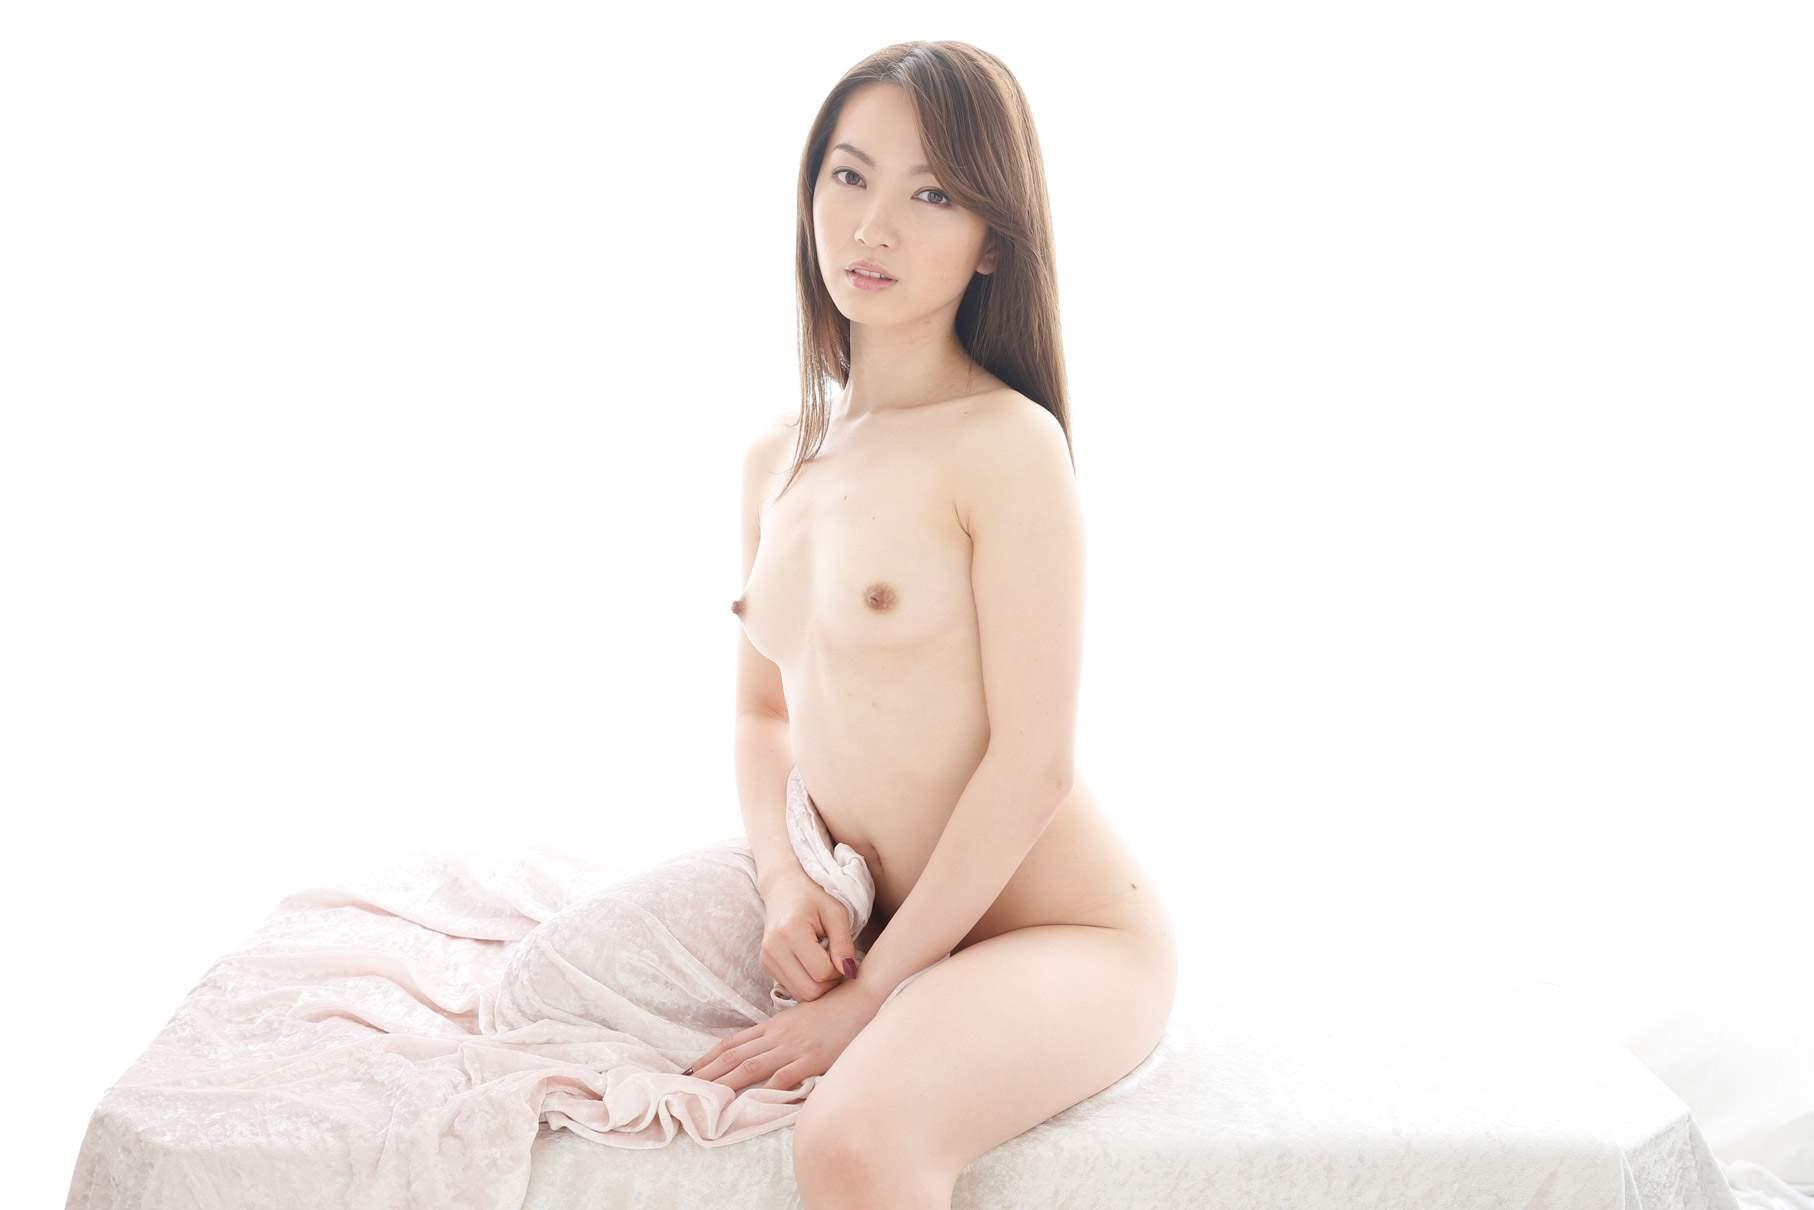 葉山瞳(中川美鈴) 初裏デビュー画像 60